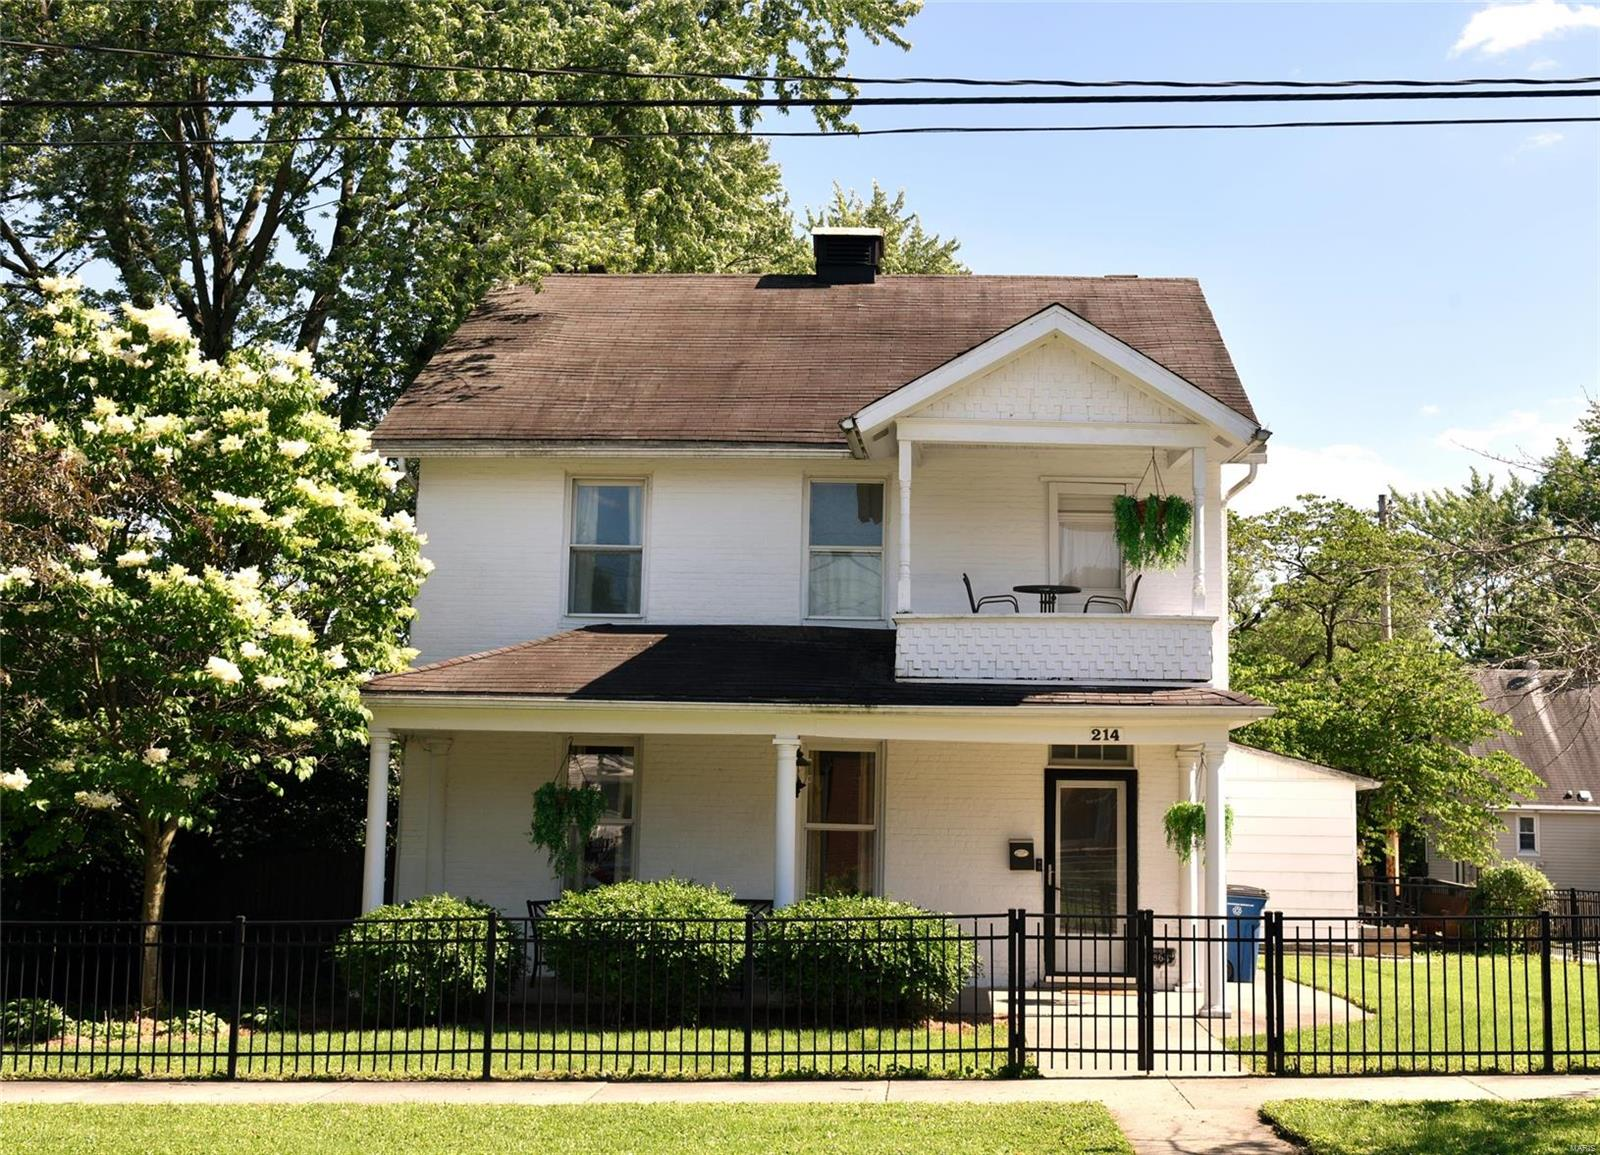 214 E Main Property Photo - Greenville, IL real estate listing